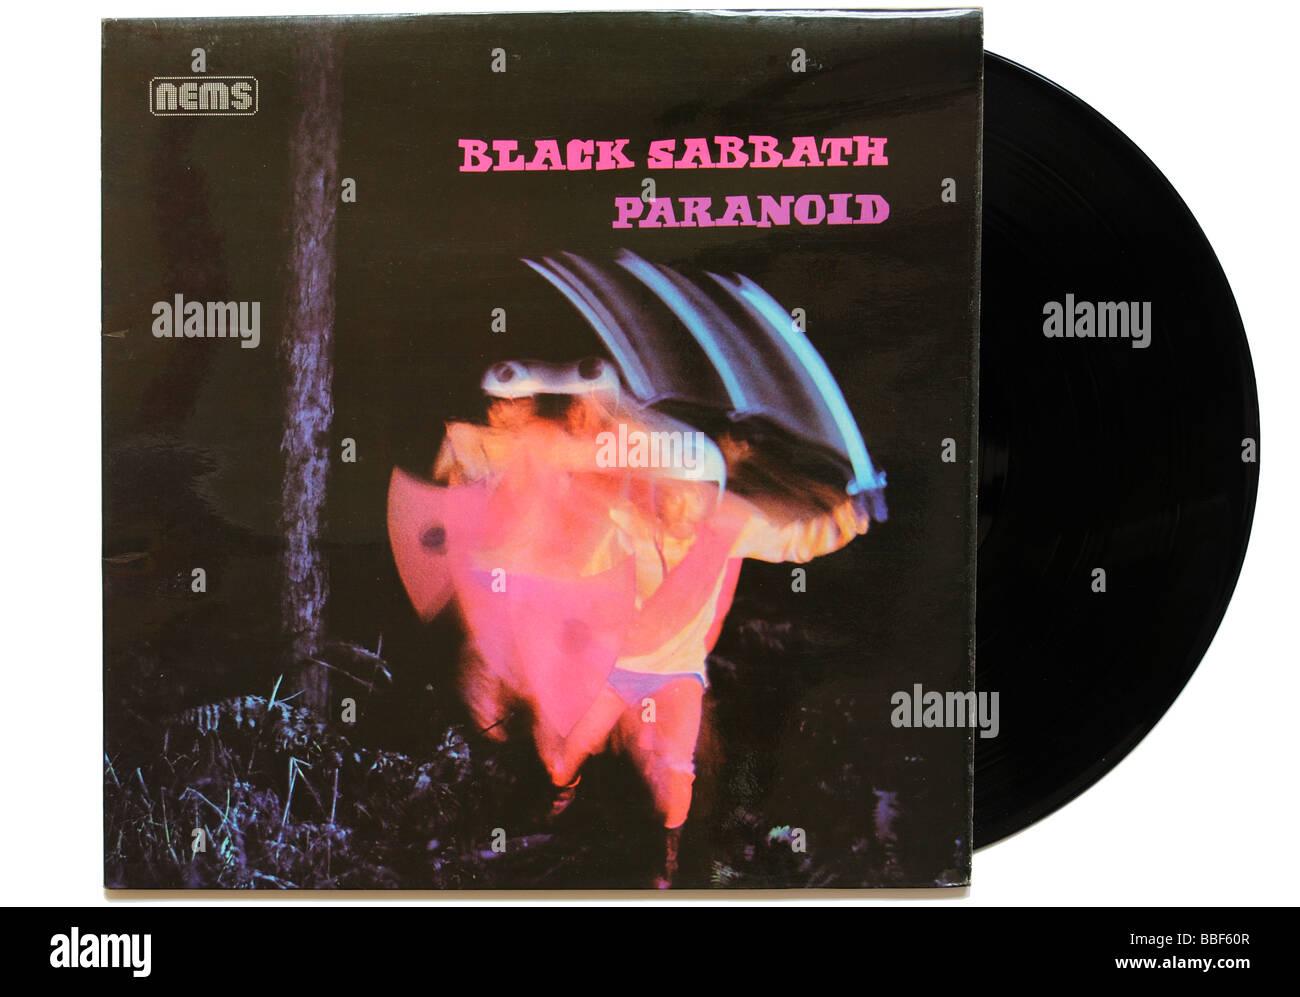 Black Sabbath Paranoid album - Stock Image